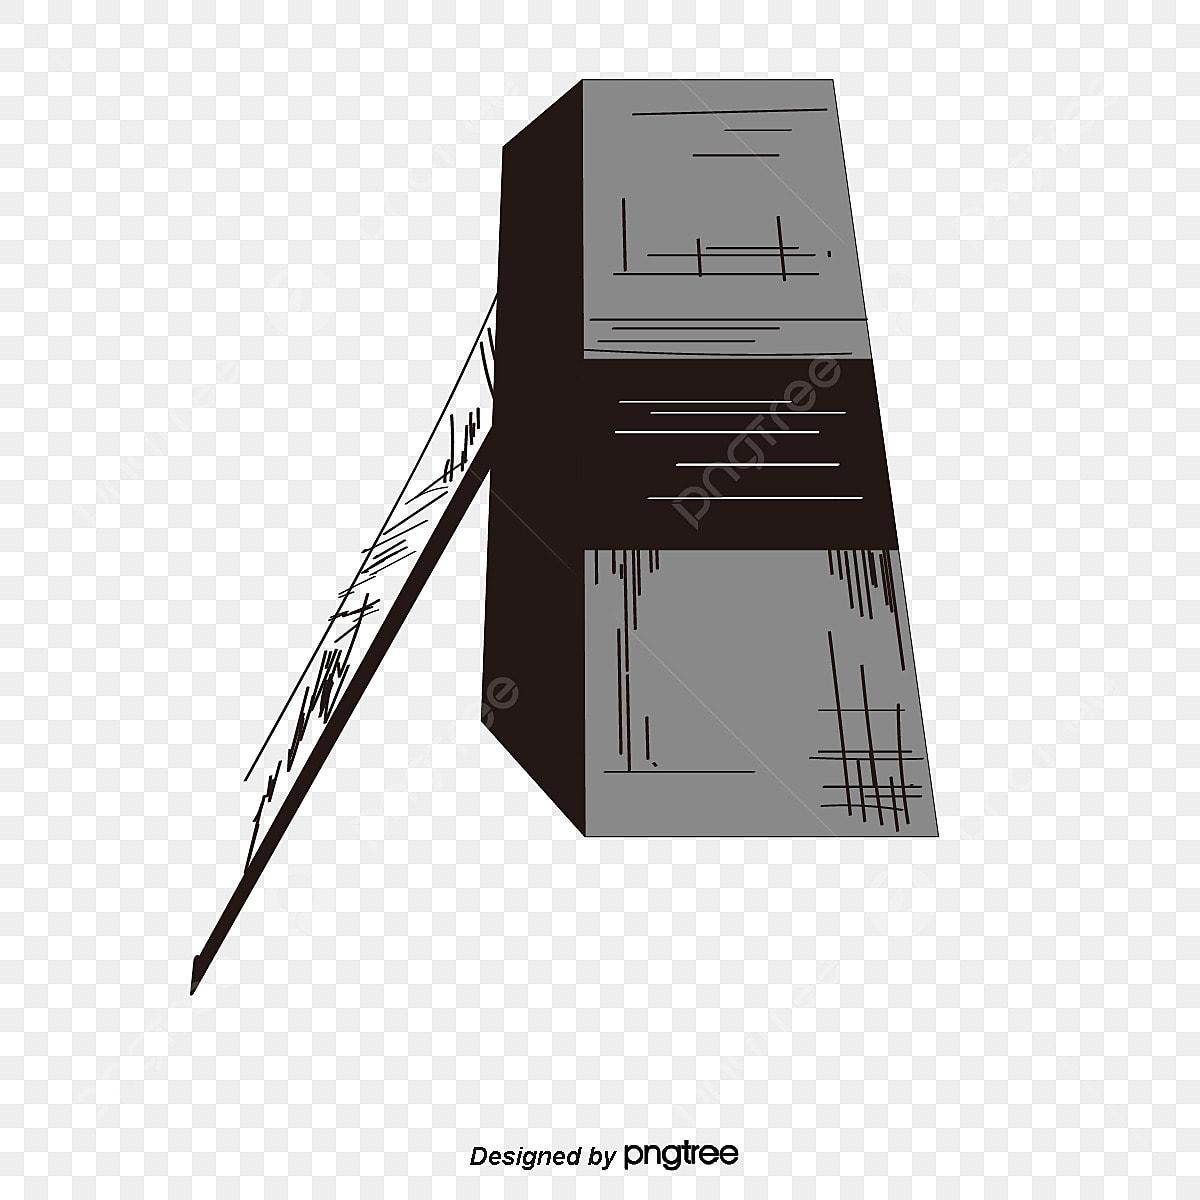 Bureau Noir Et Blanc les bureaux de la grue à tour peint en noir et blanc, bureau